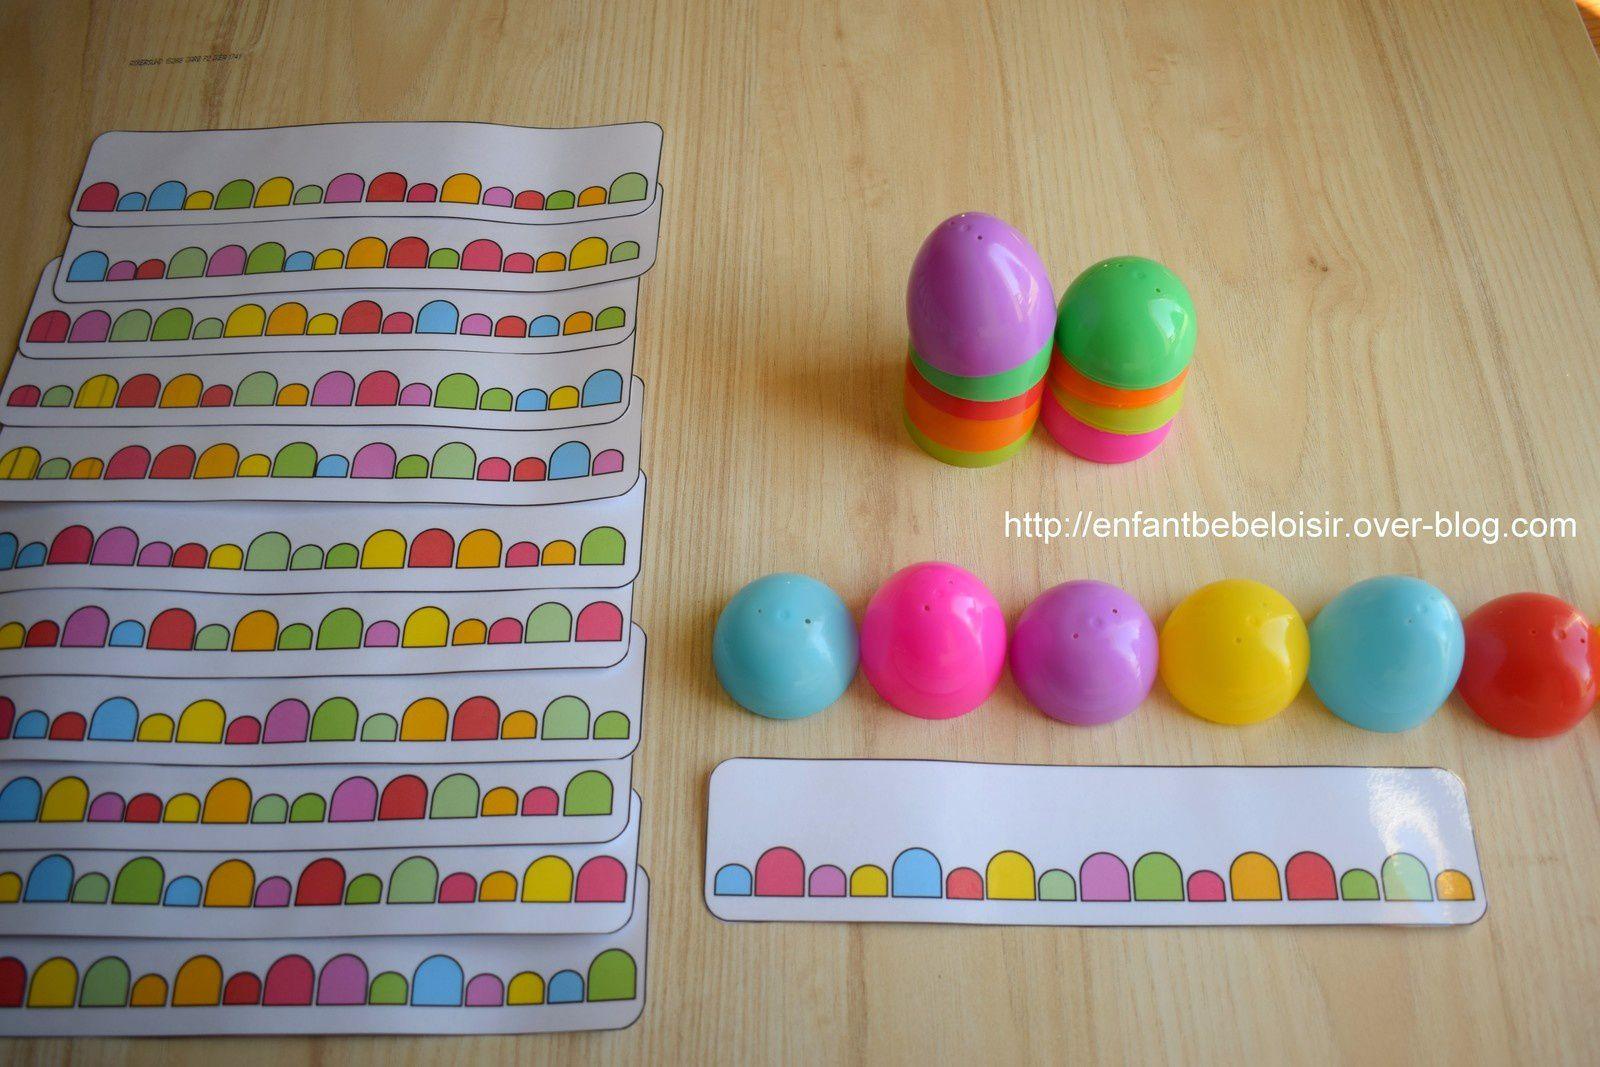 Pdf À Imprimer - Jeu De Couleurs Avec Des Œufs De Pâques à Jeux De Maternelle À Imprimer